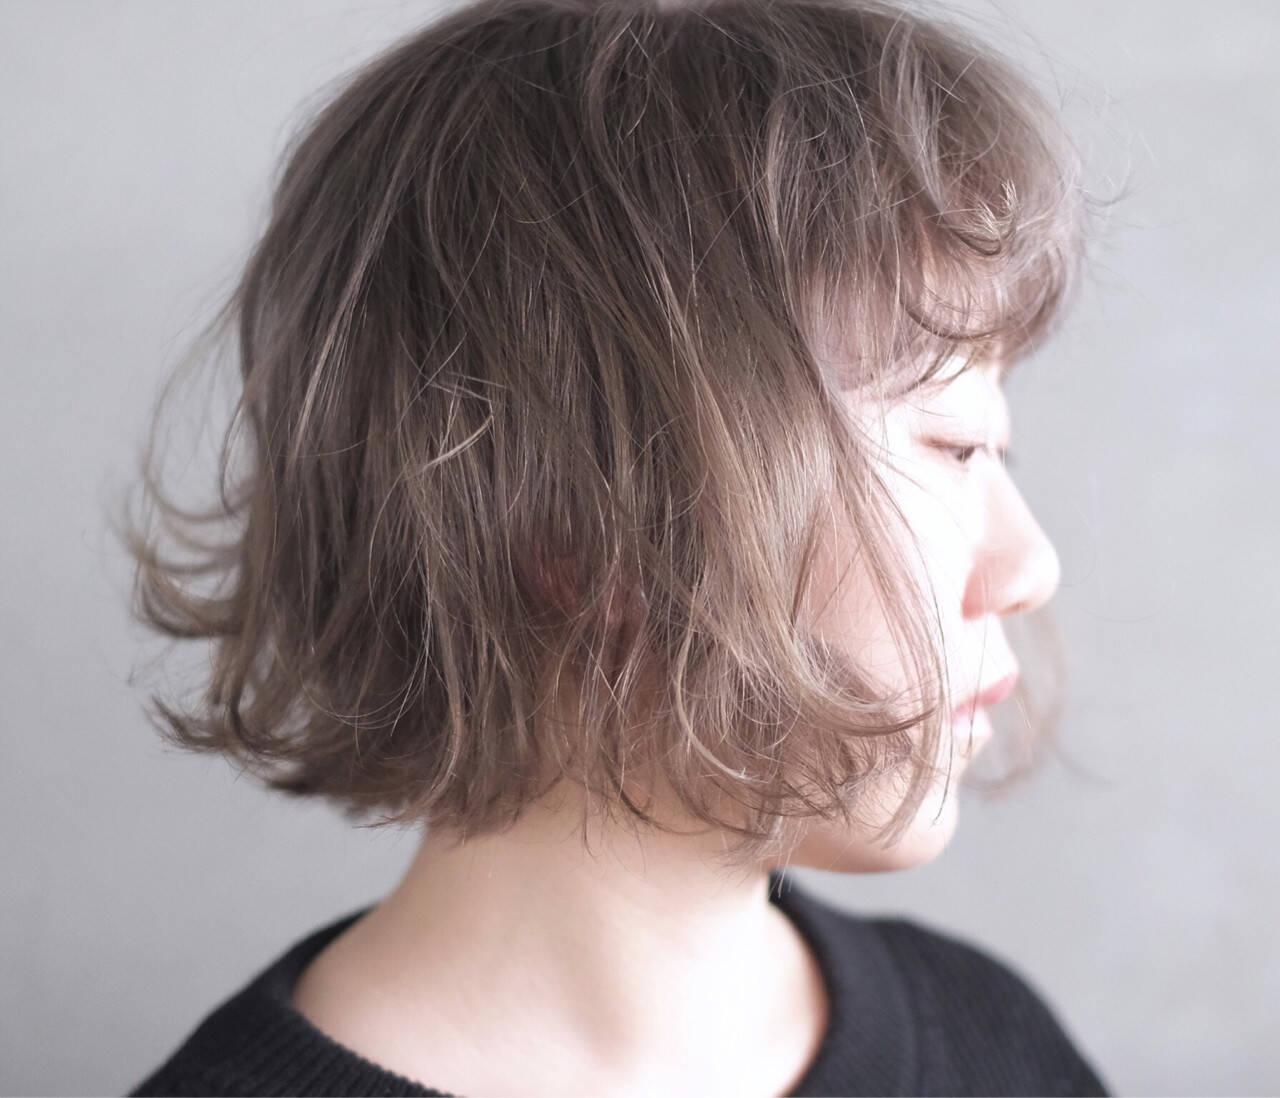 ハイトーン ホワイト 冬 ブリーチヘアスタイルや髪型の写真・画像